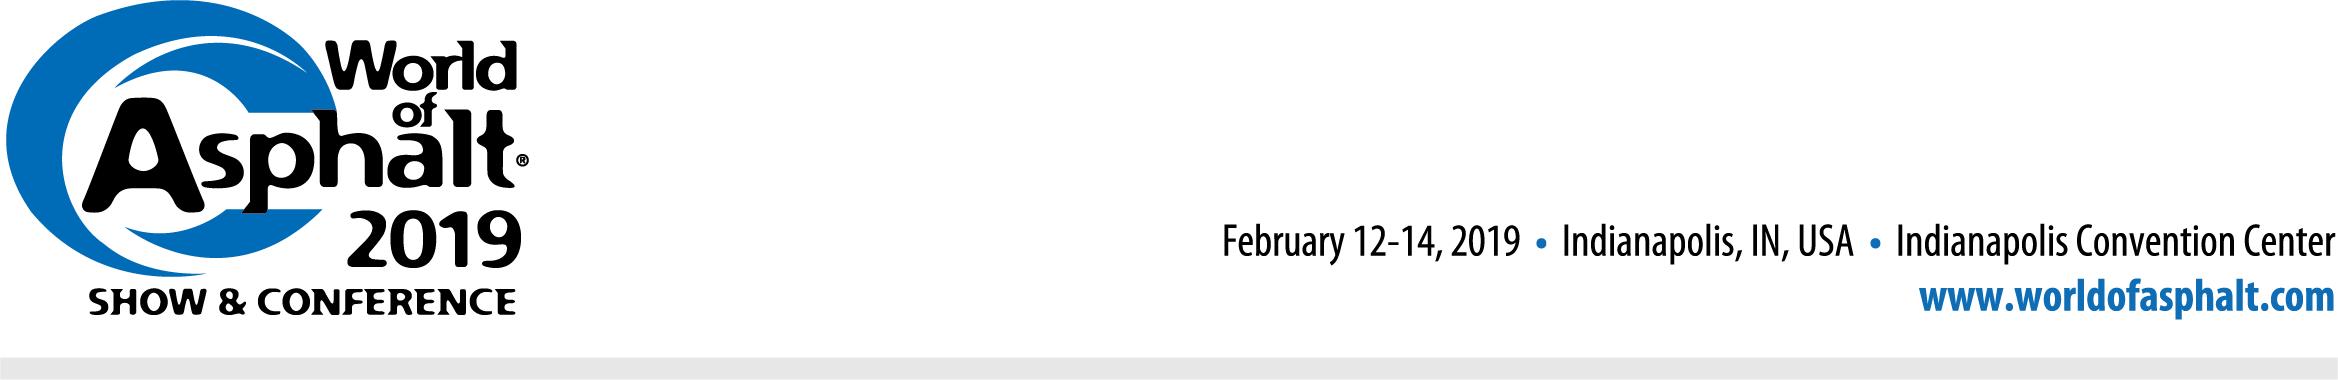 World of Asphalt 2019 Show & Conference